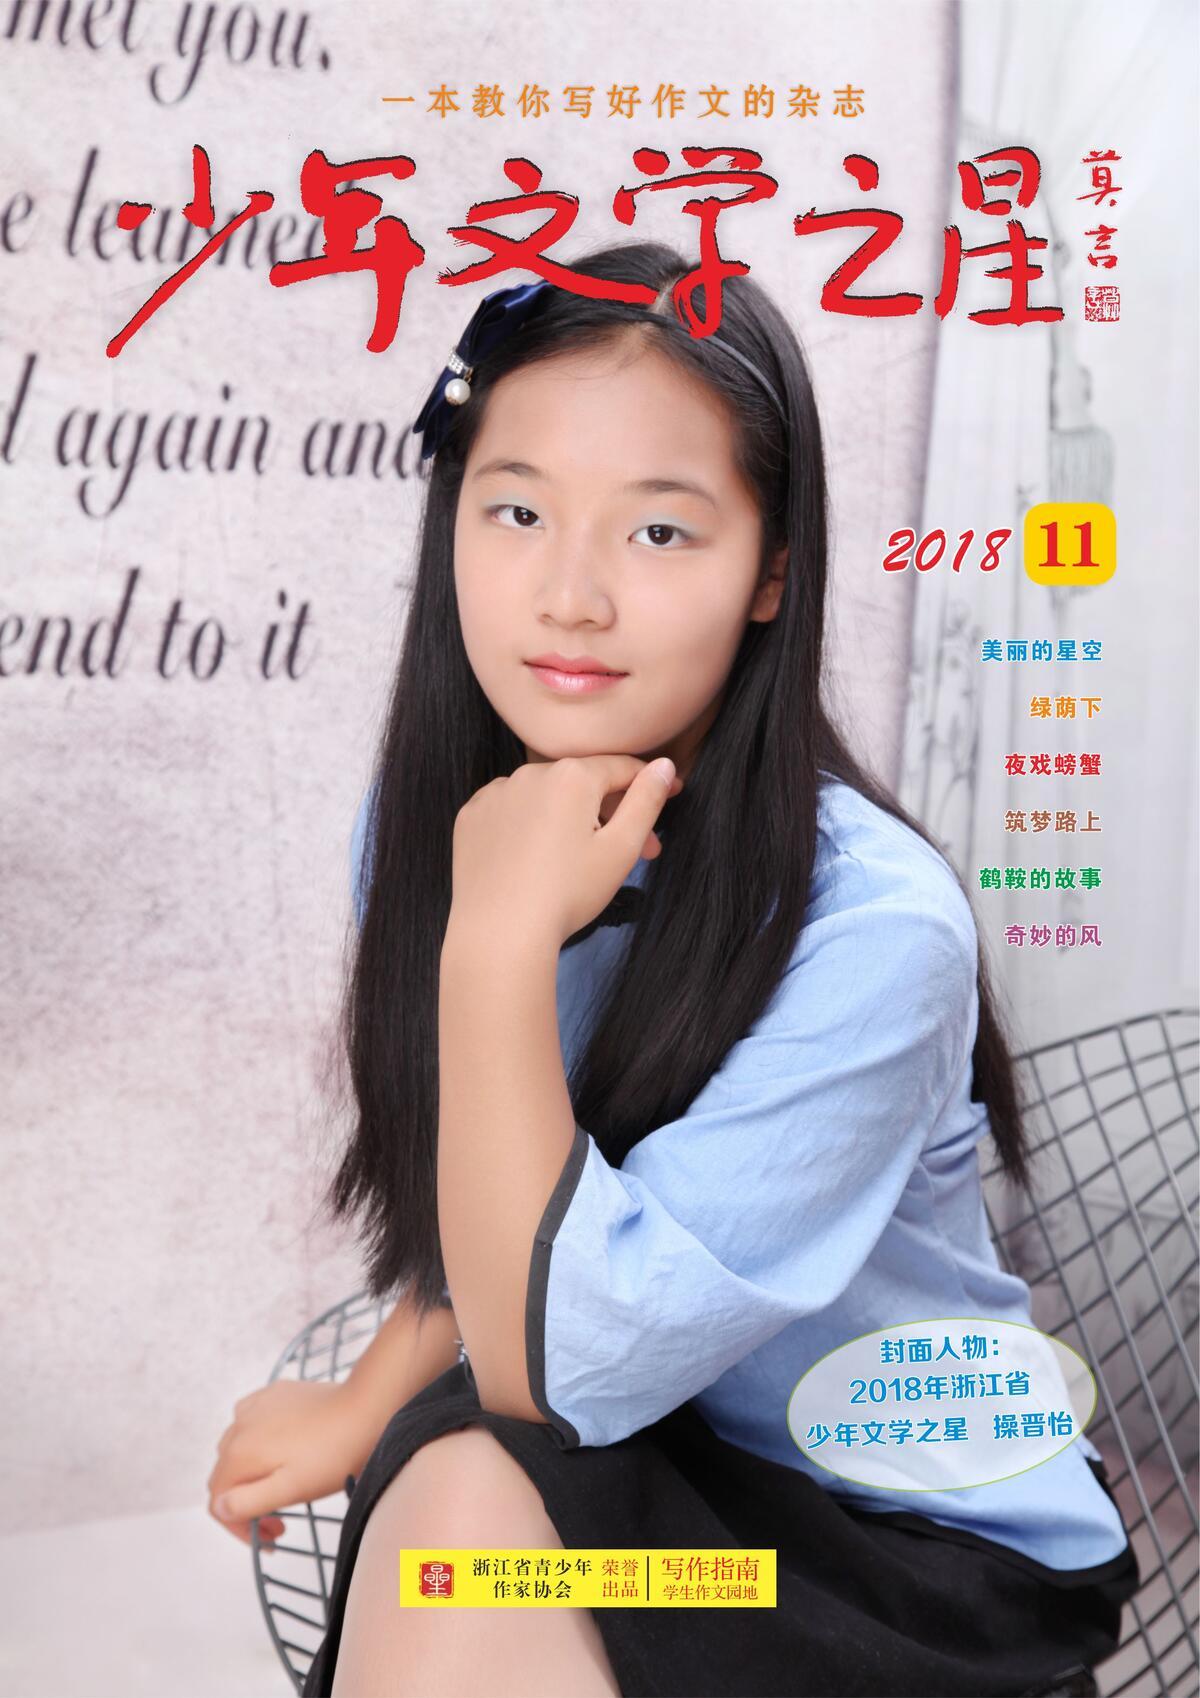 《少年文学之星》2018年11月刊